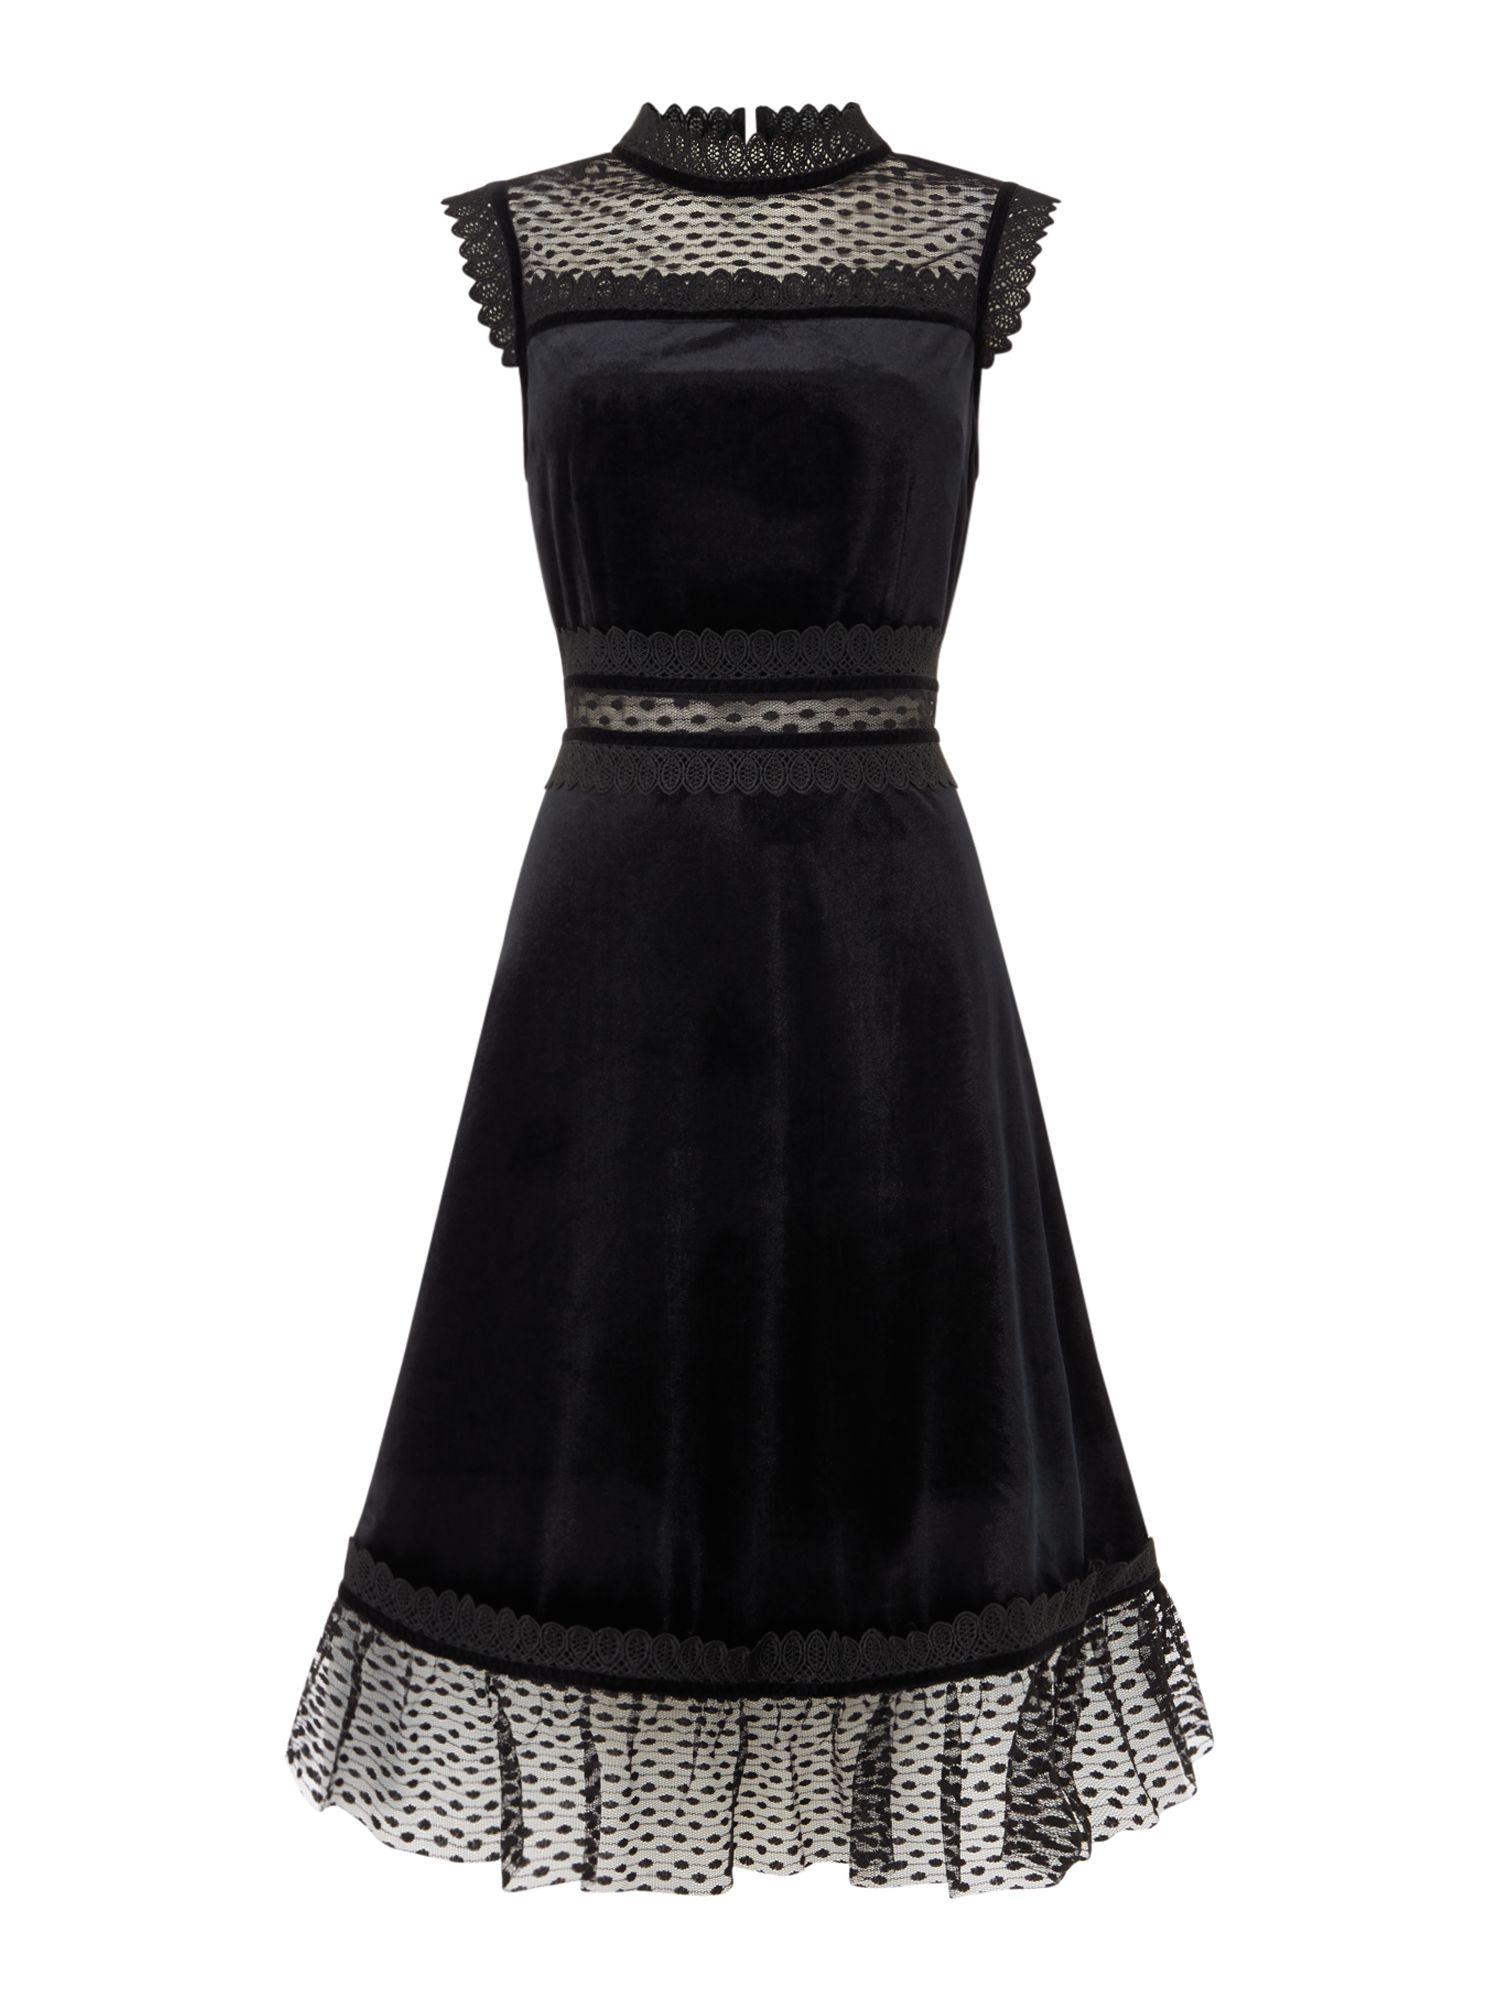 Pildiotsingu black dress tulemus